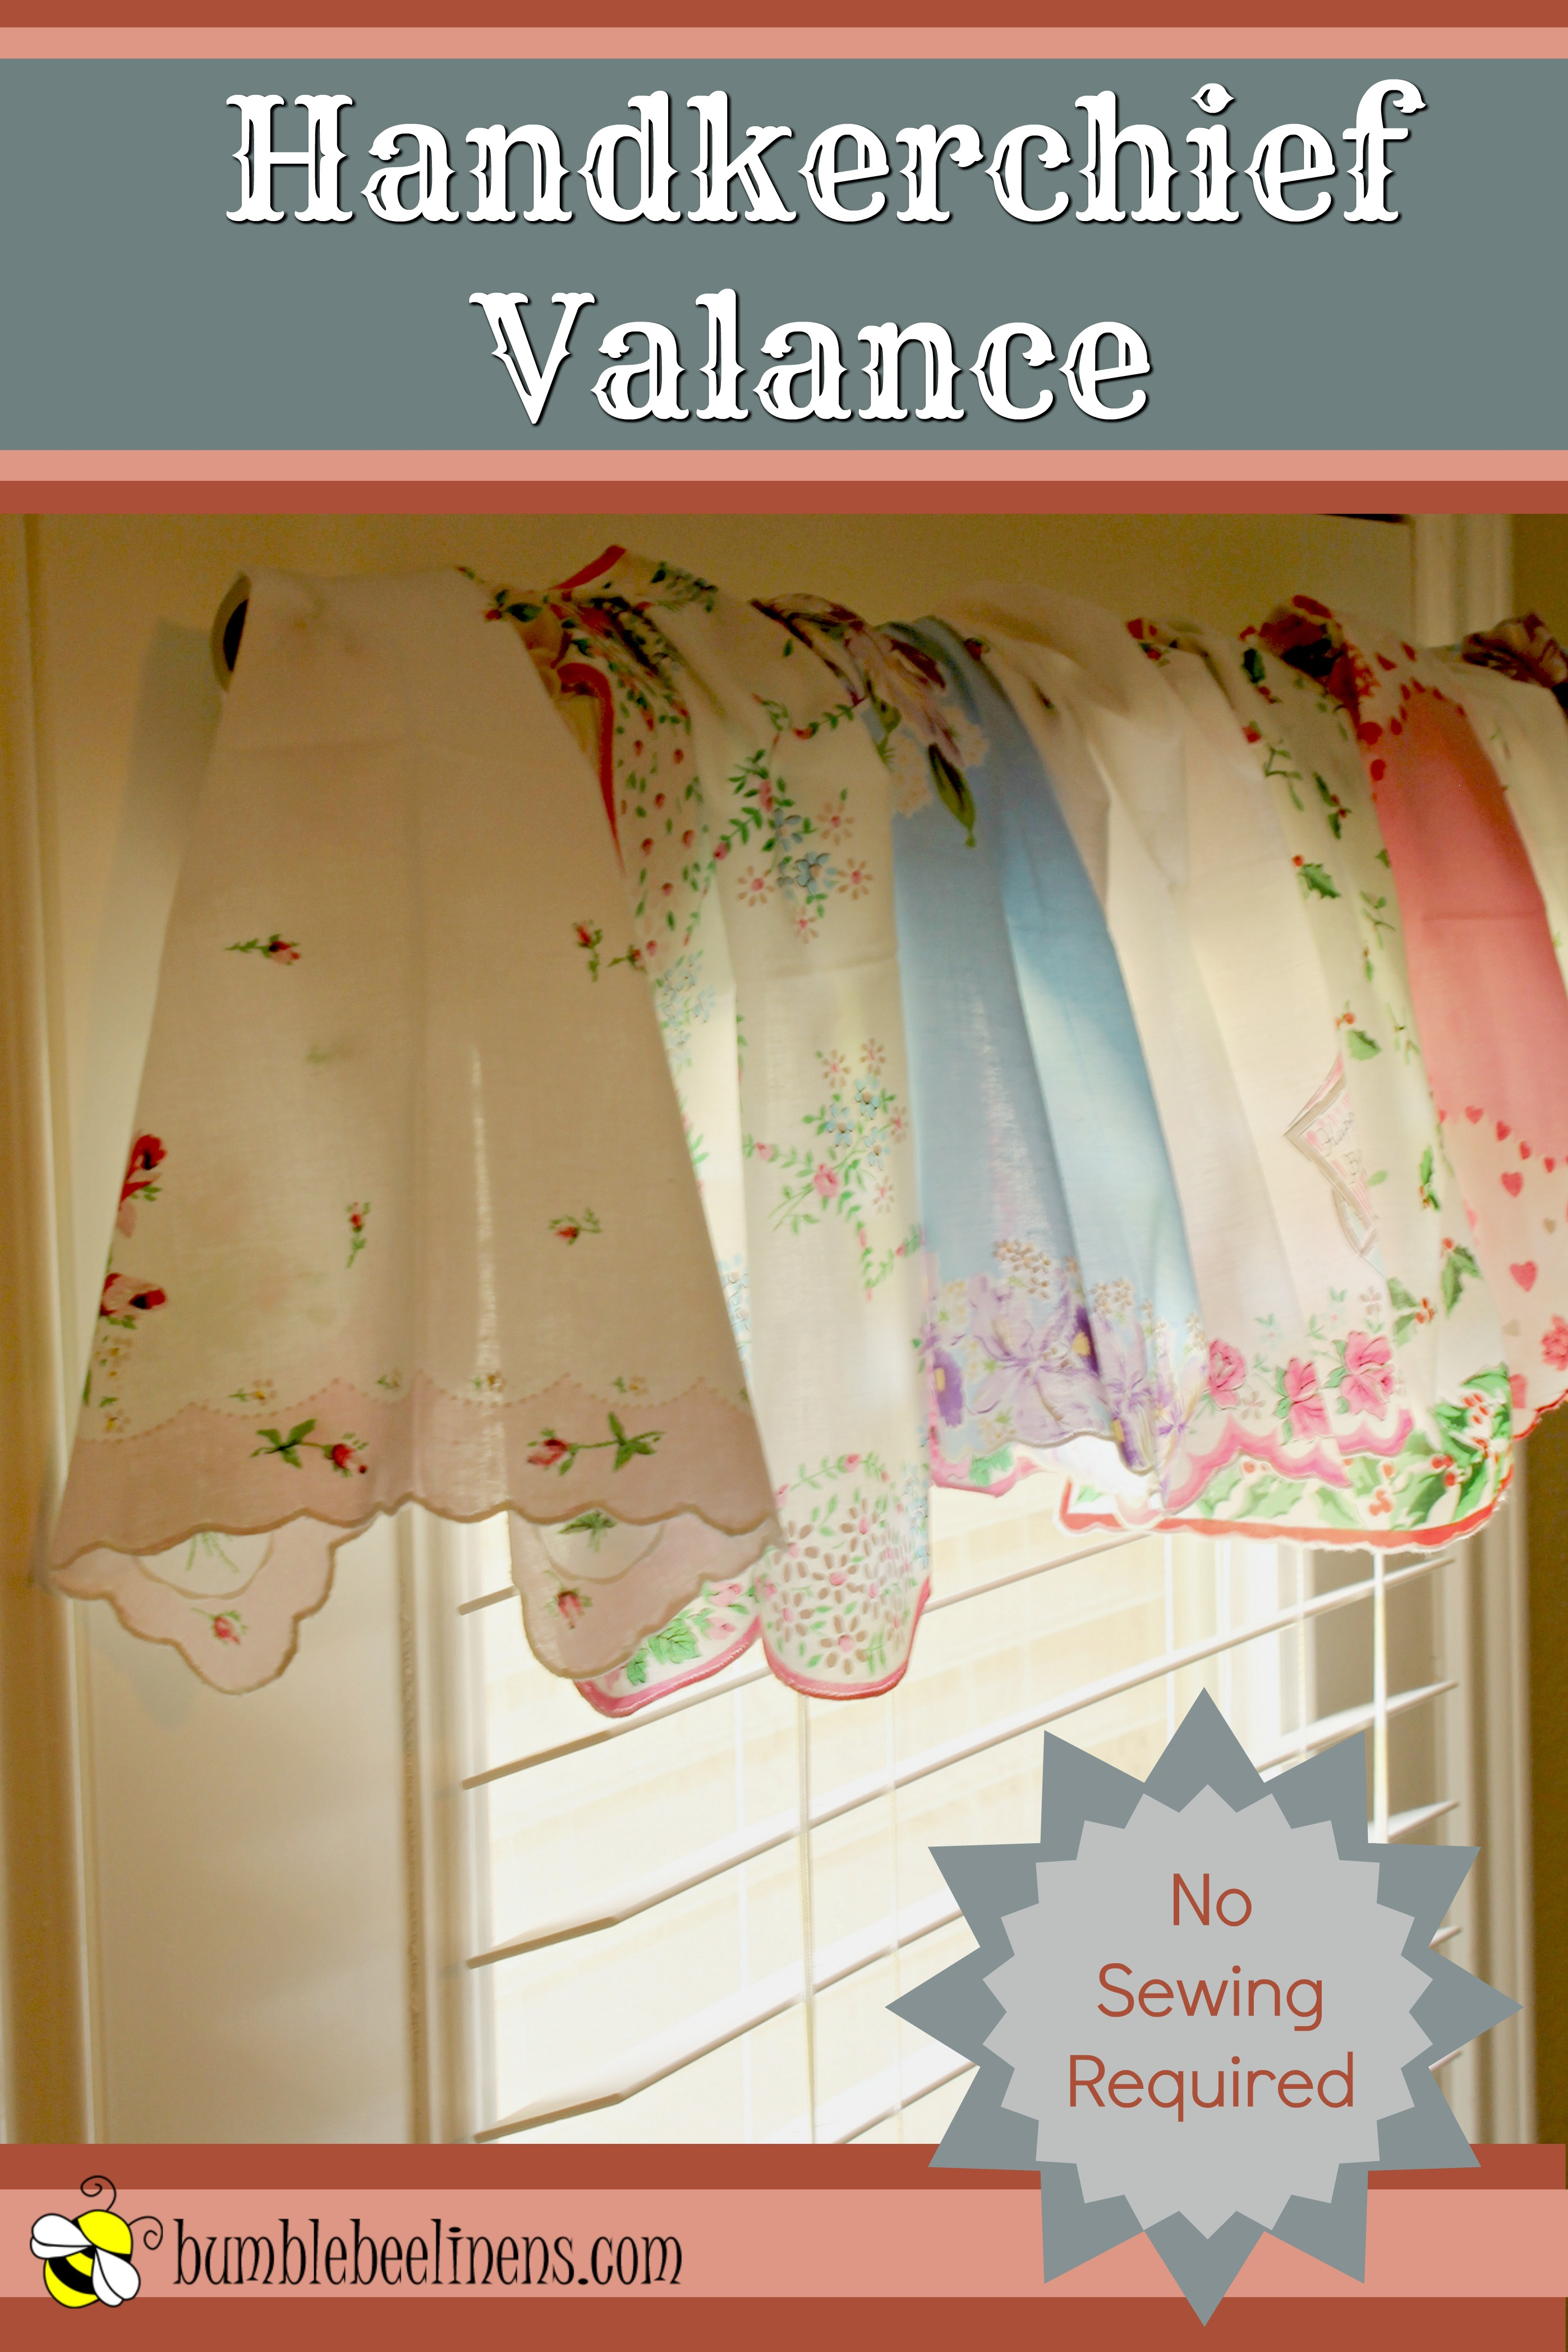 handkerchief valance main with text